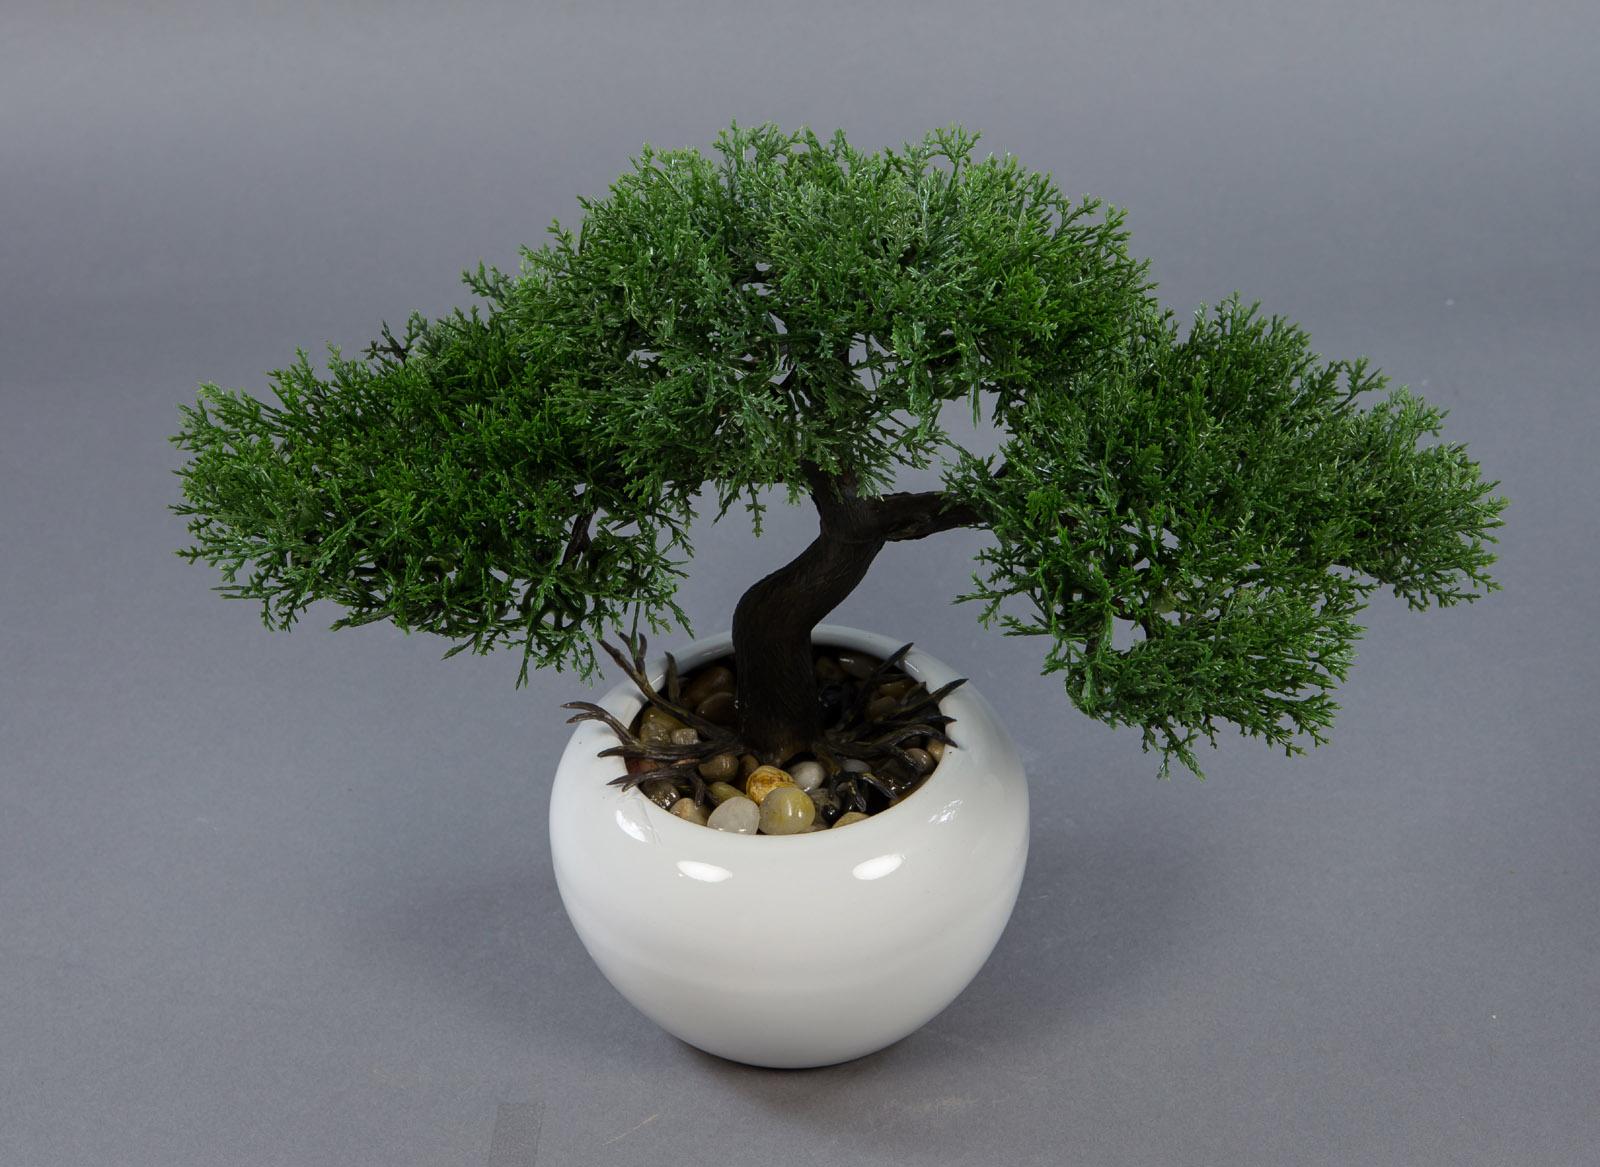 bonsai zeder 24x32cm in wei er vase dp kunstpflanzen k nstlicher baum pflanzen ebay. Black Bedroom Furniture Sets. Home Design Ideas